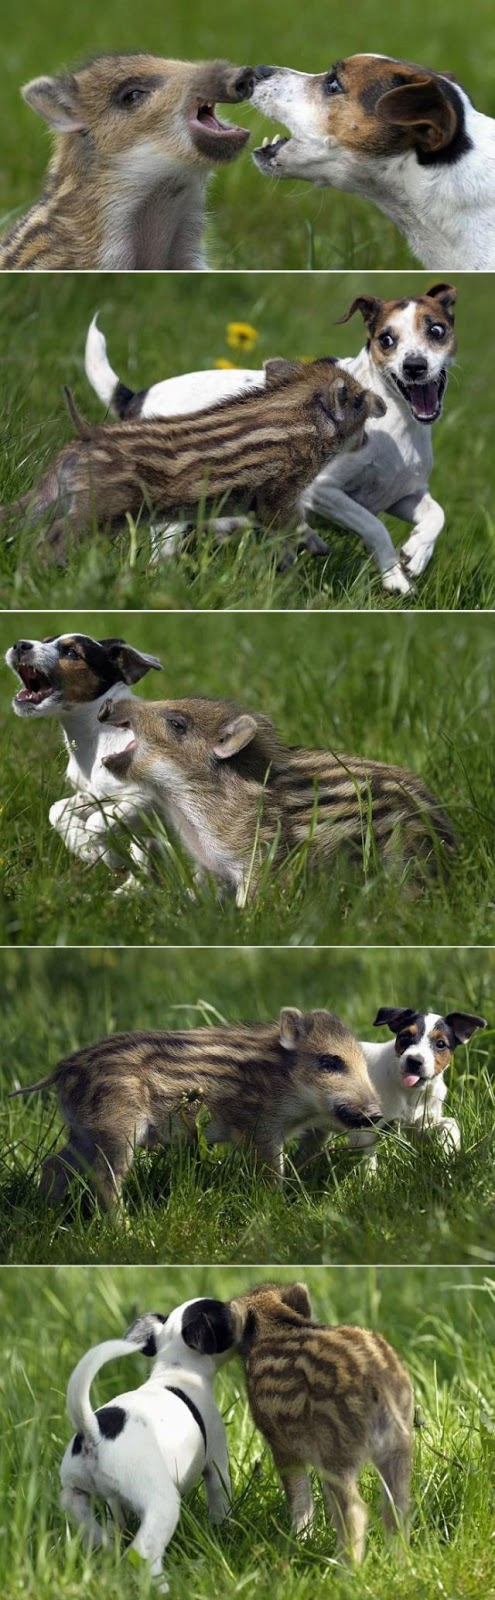 Egymást szeretgető állatok - végtelenül cuki fotók